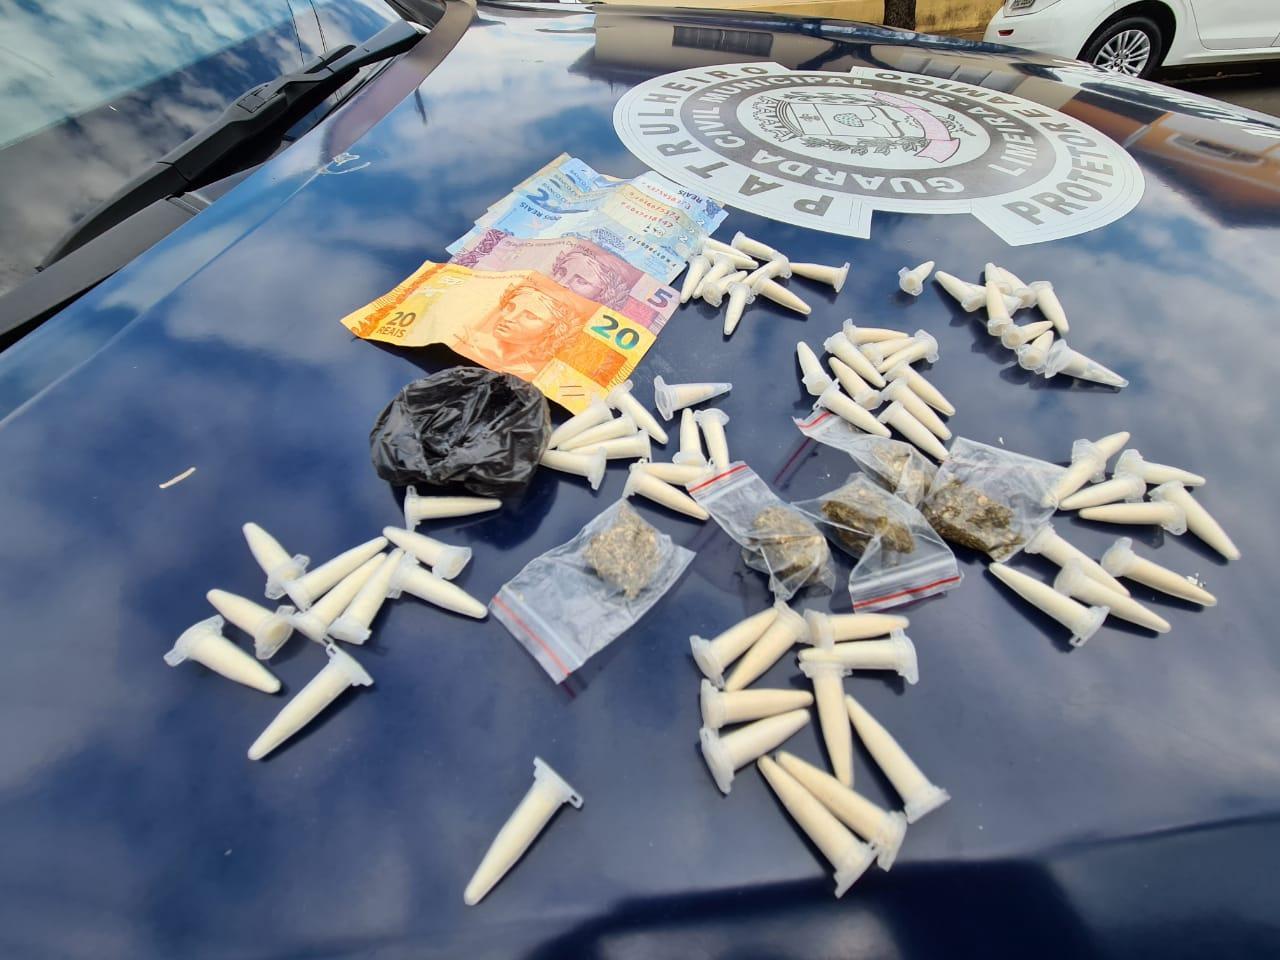 Durante patrulhamento, GCM apreende drogas no Profilurb, em Limeira